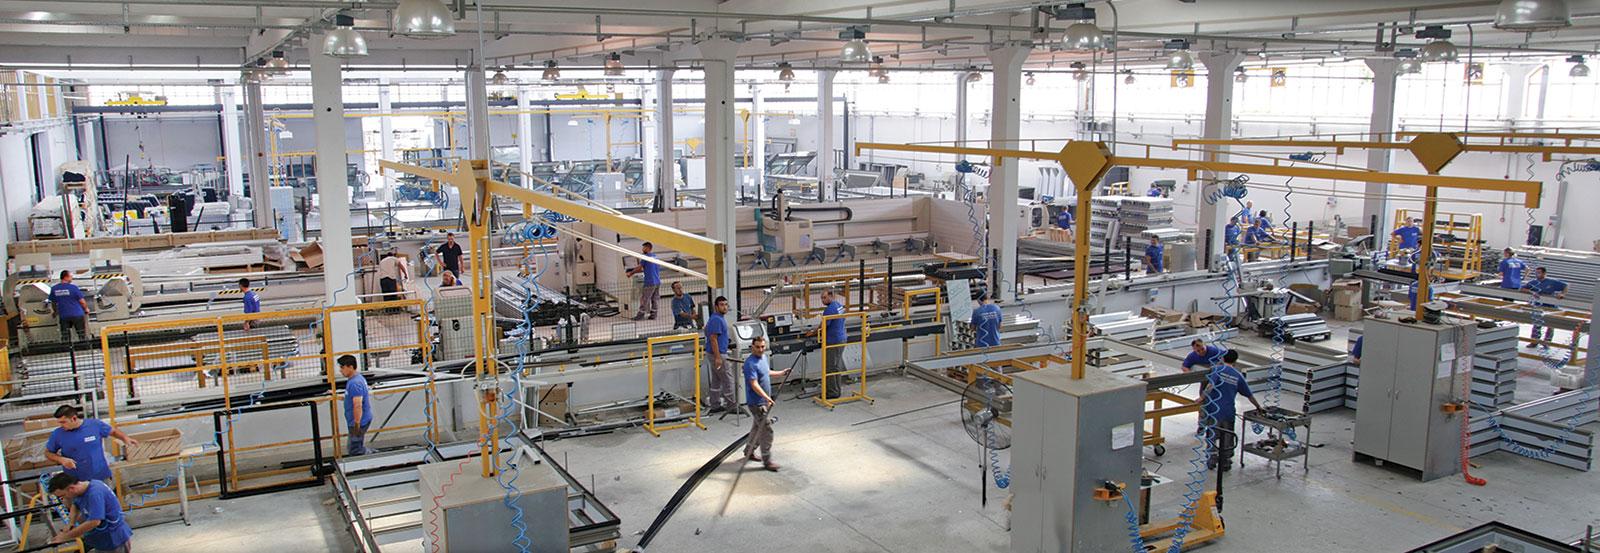 Temiz Metal Fabrika Resmi